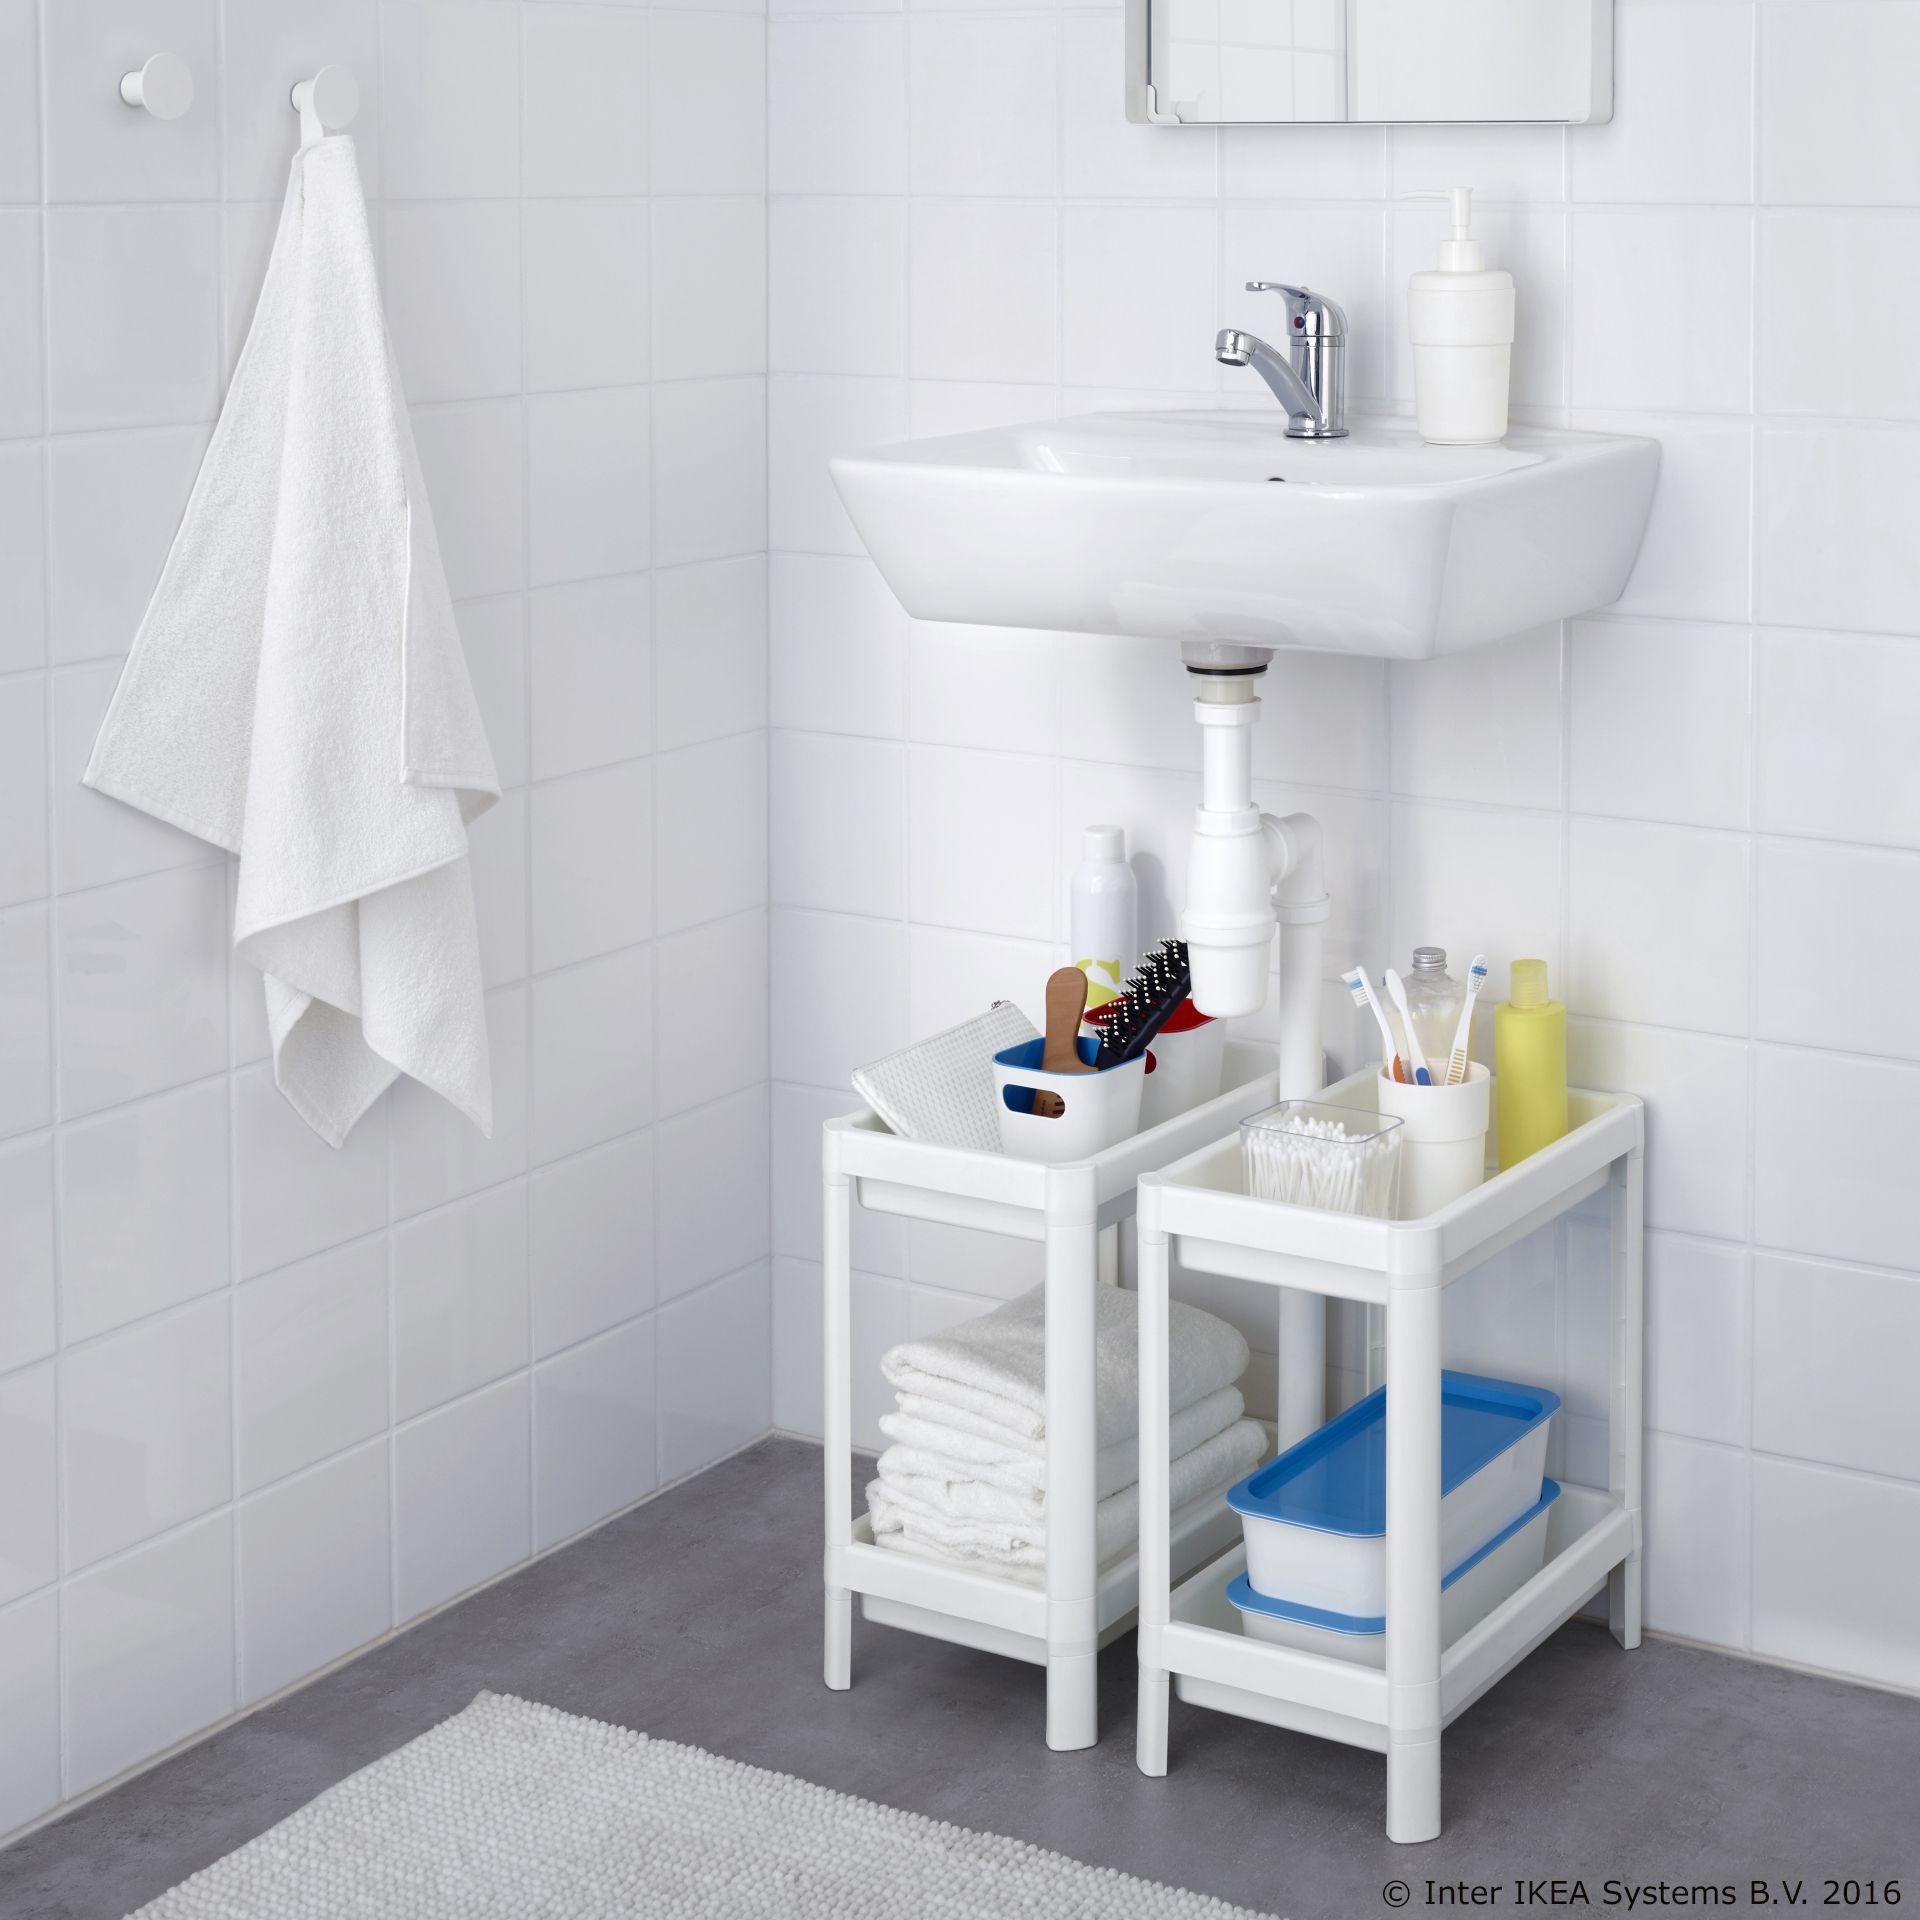 VESKEN regal izrađen od reciklirane plastike idealan je za male kupaonice Širina 23 cm Dubina 36 cm Visina 40 cm Maks nosivost police 13 kg Cijena